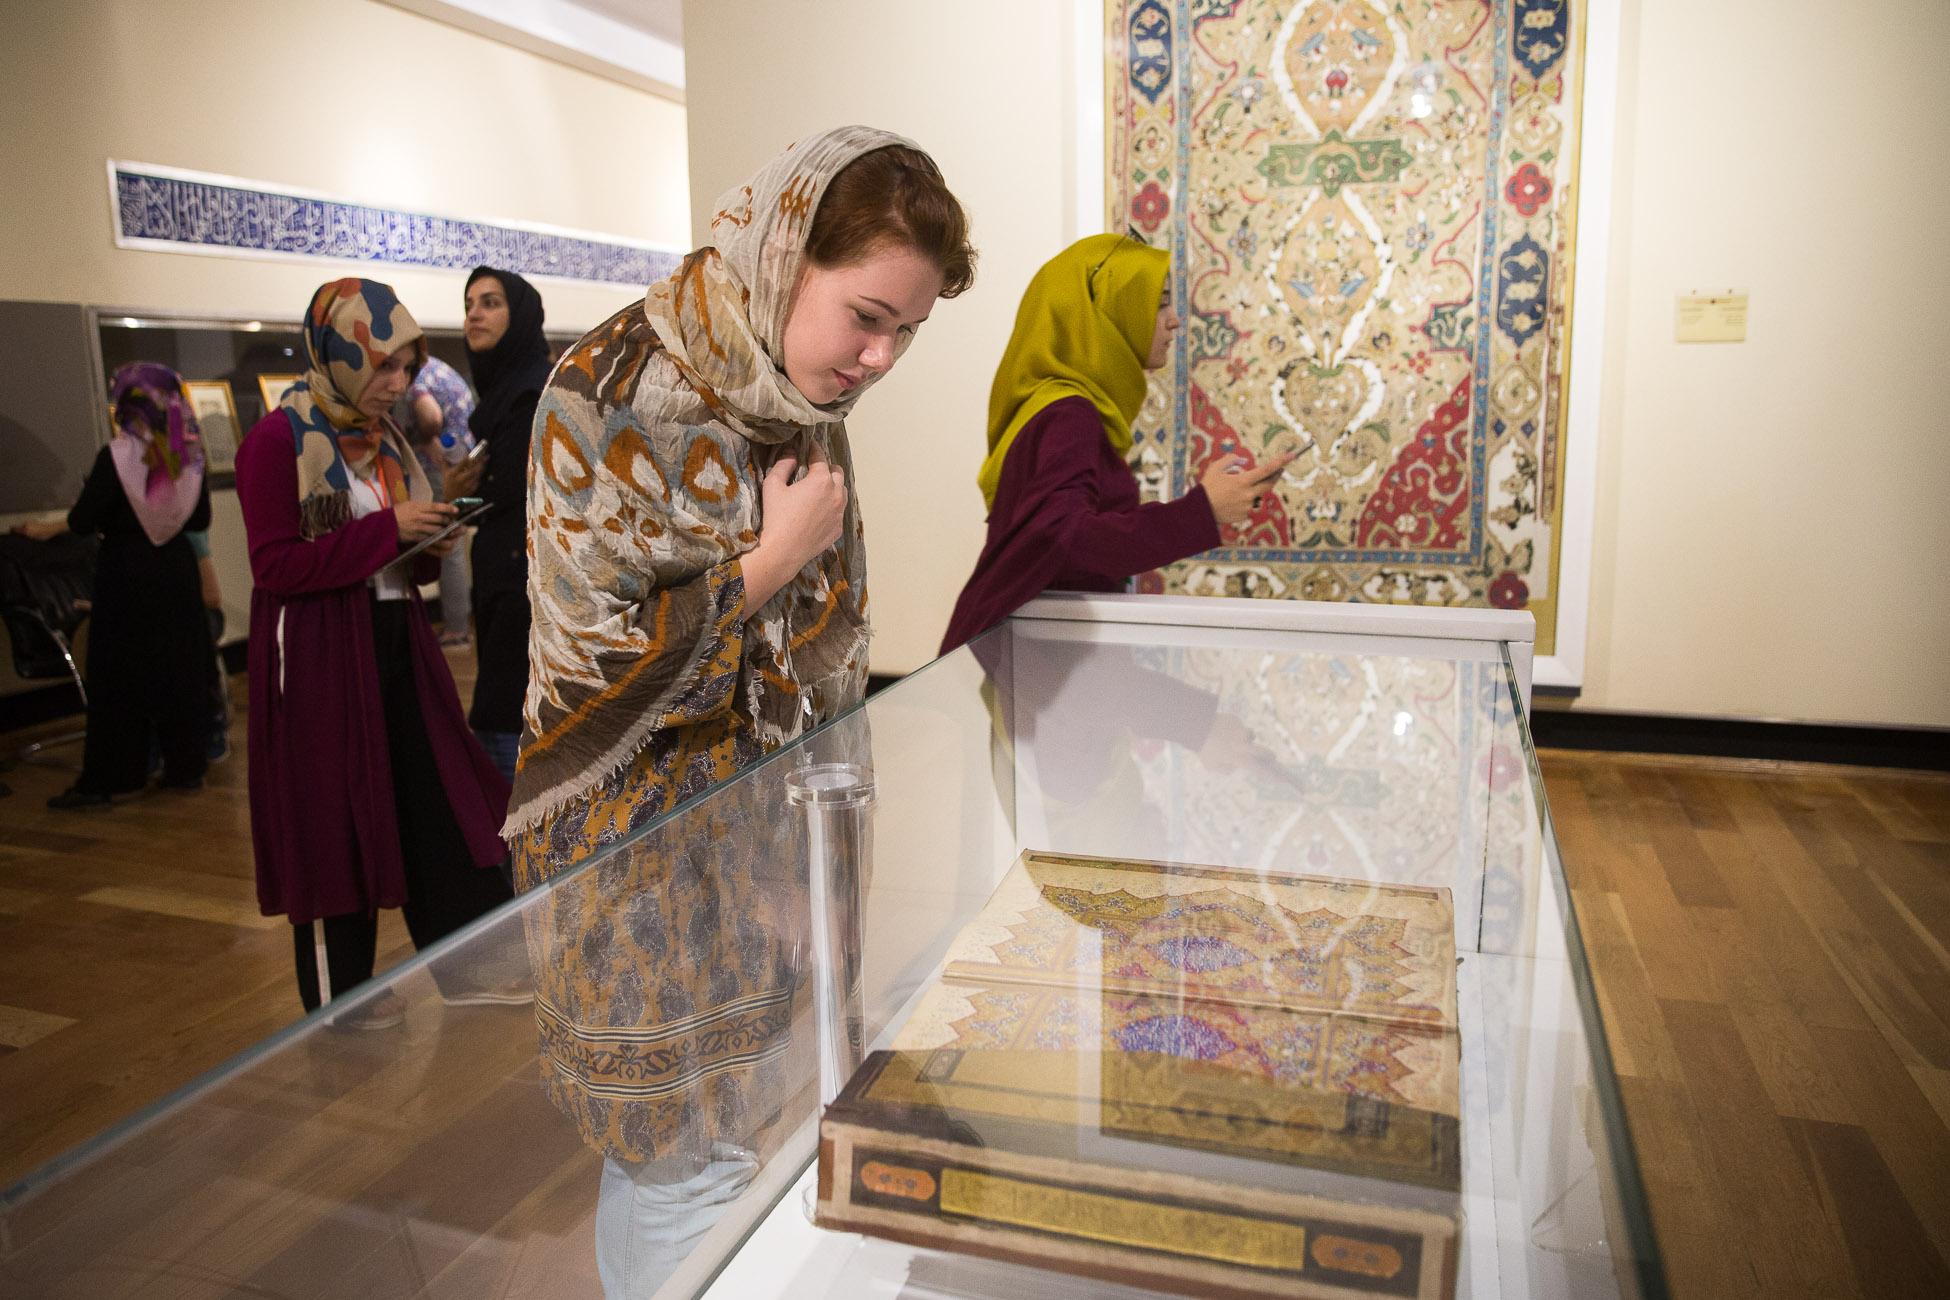 دیدار فارسی آموزان هشتاد و چهارمین دوره دانش افزایی از موزه ایران باستان